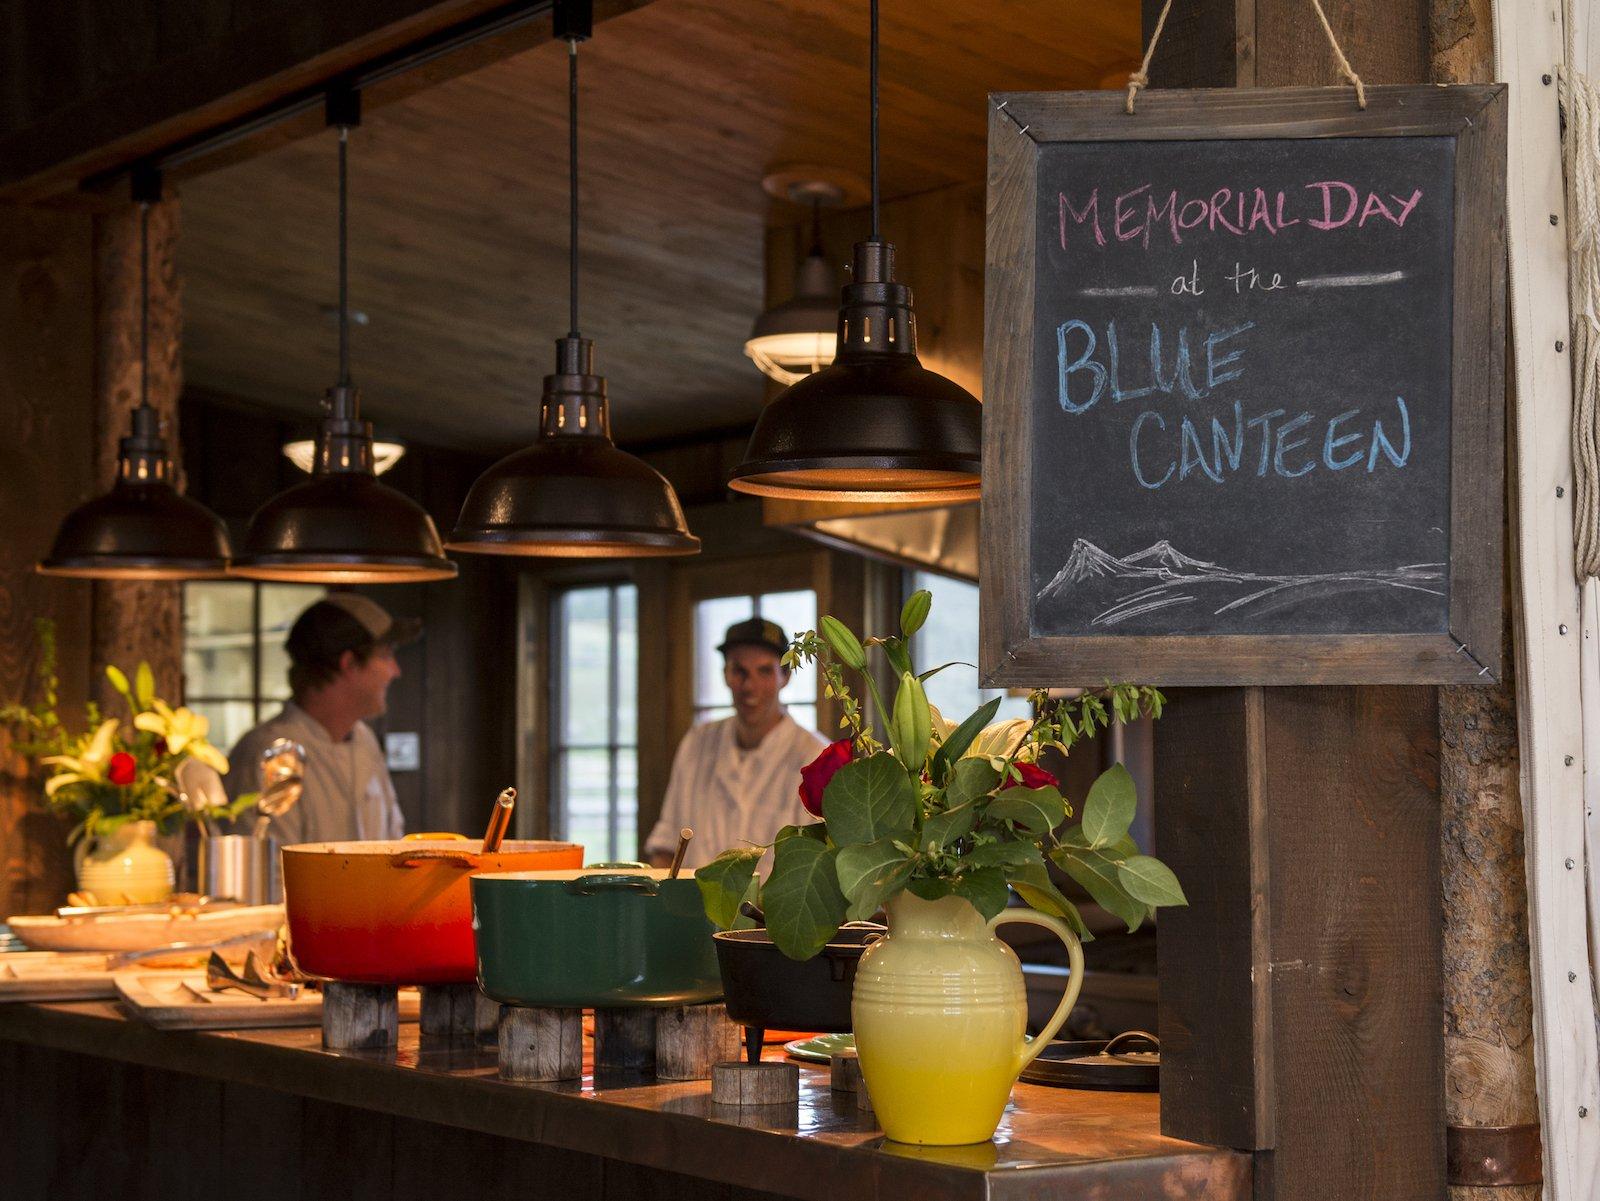 A Memorial Day Dutch Oven Dinner